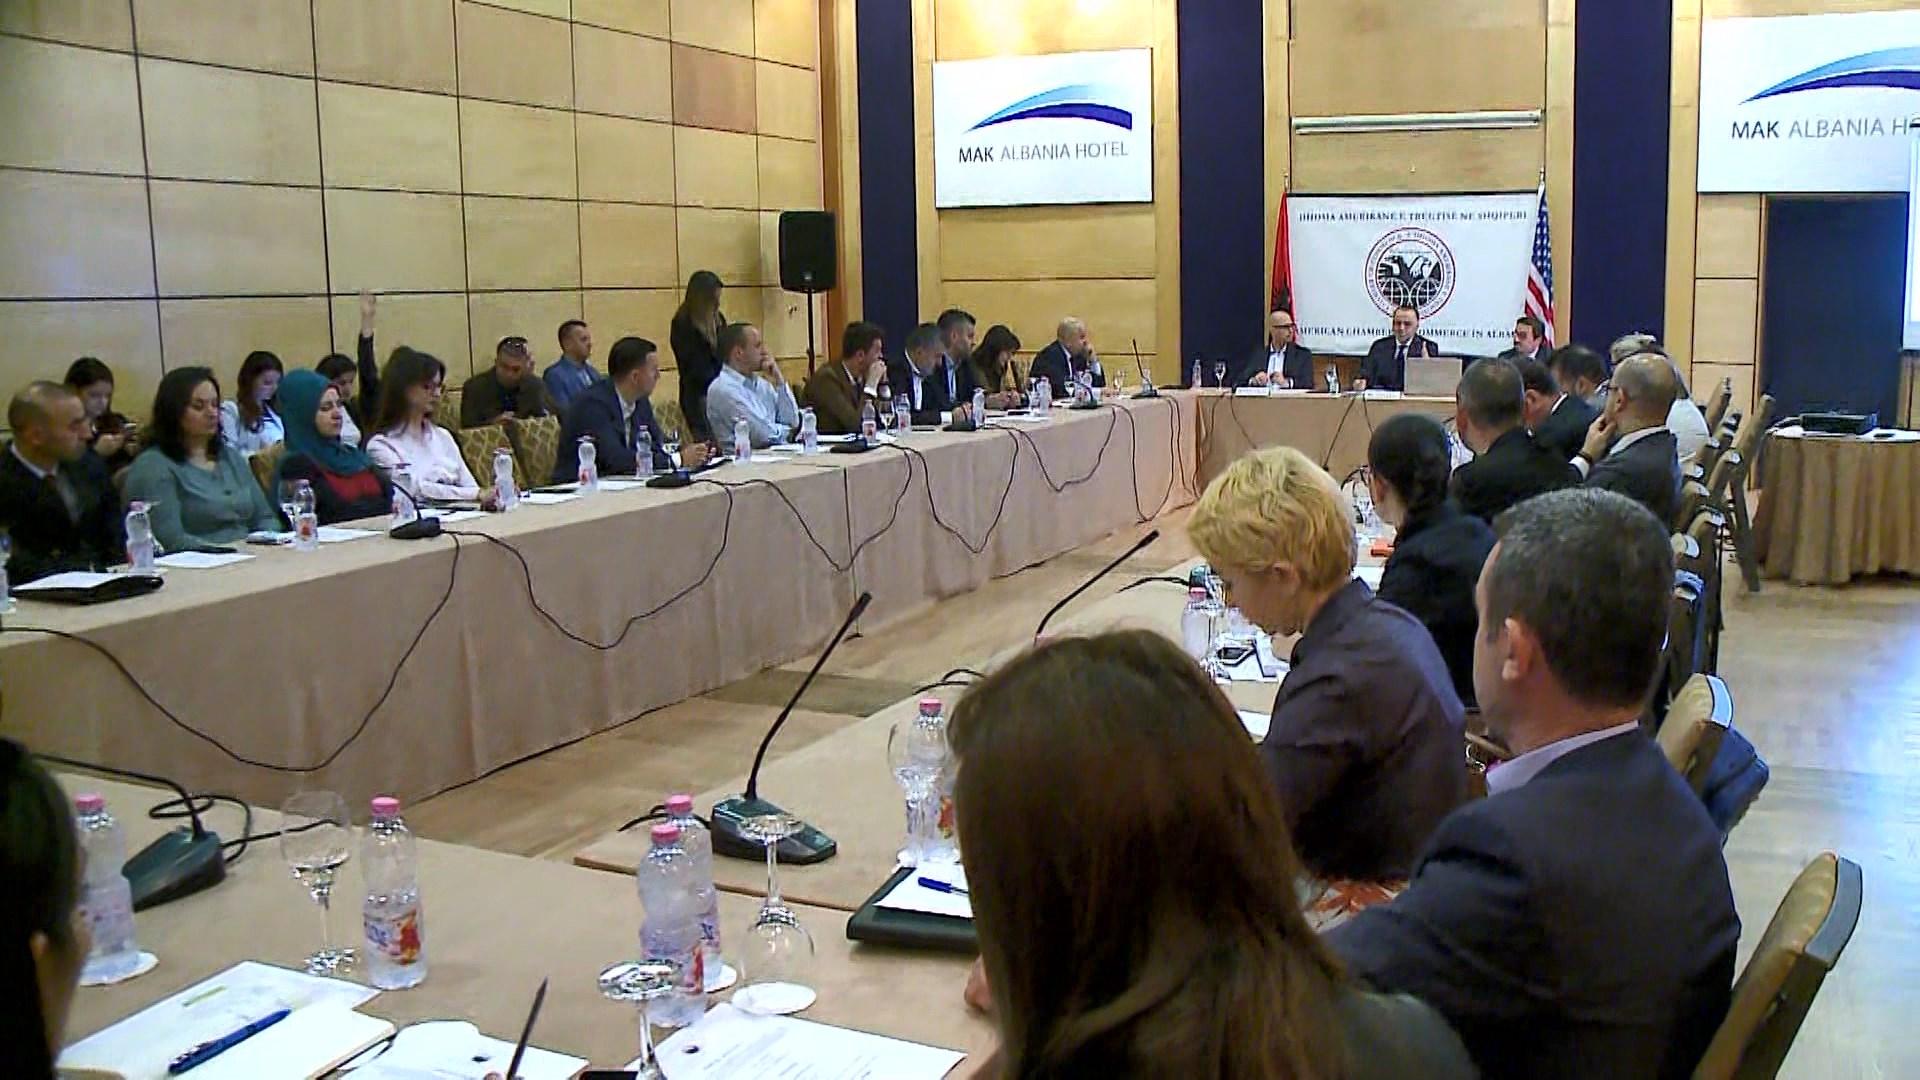 Investitorët e huaj në Shqipëri: Zgjidhni çështjen e pronave që të investojmë